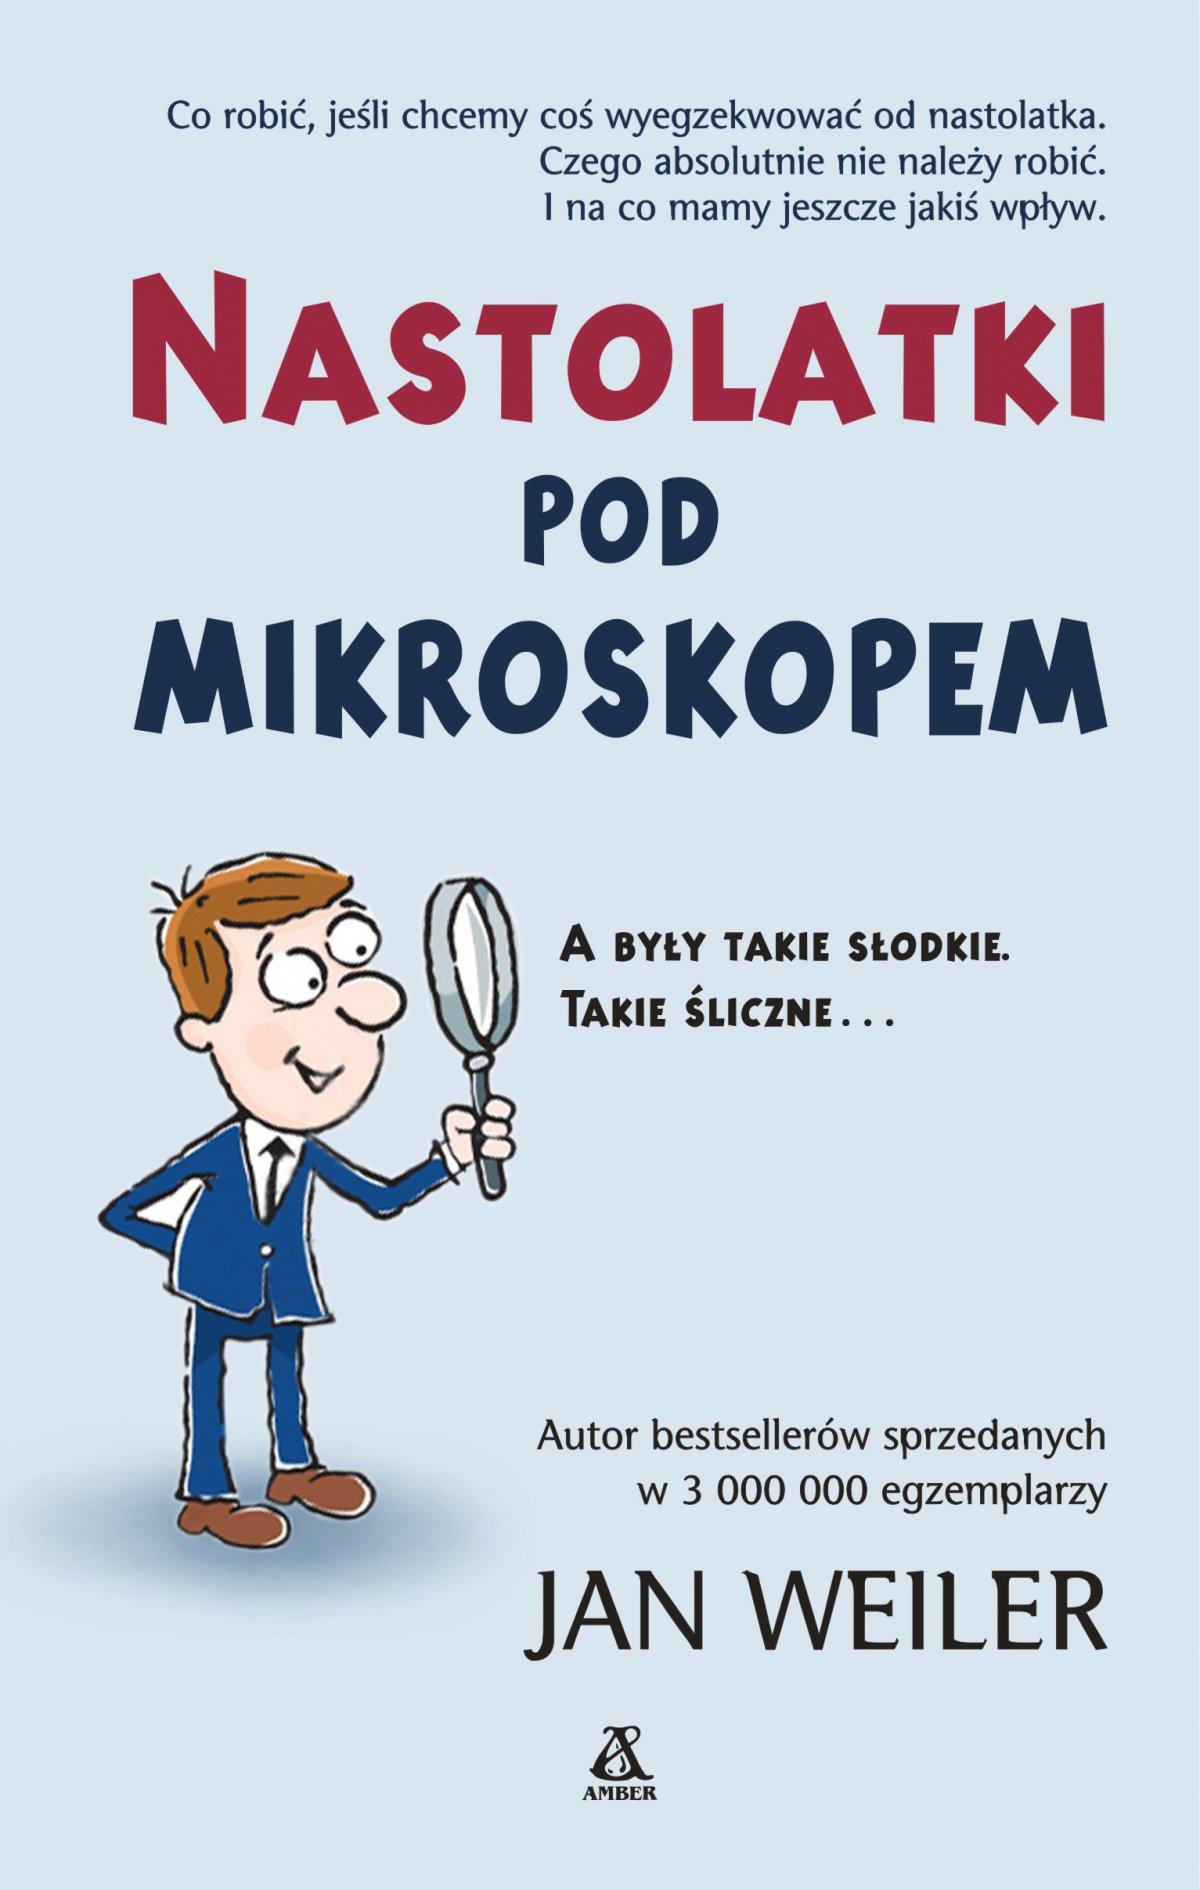 Nastolatki pod mikroskopem - Ebook (Książka EPUB) do pobrania w formacie EPUB